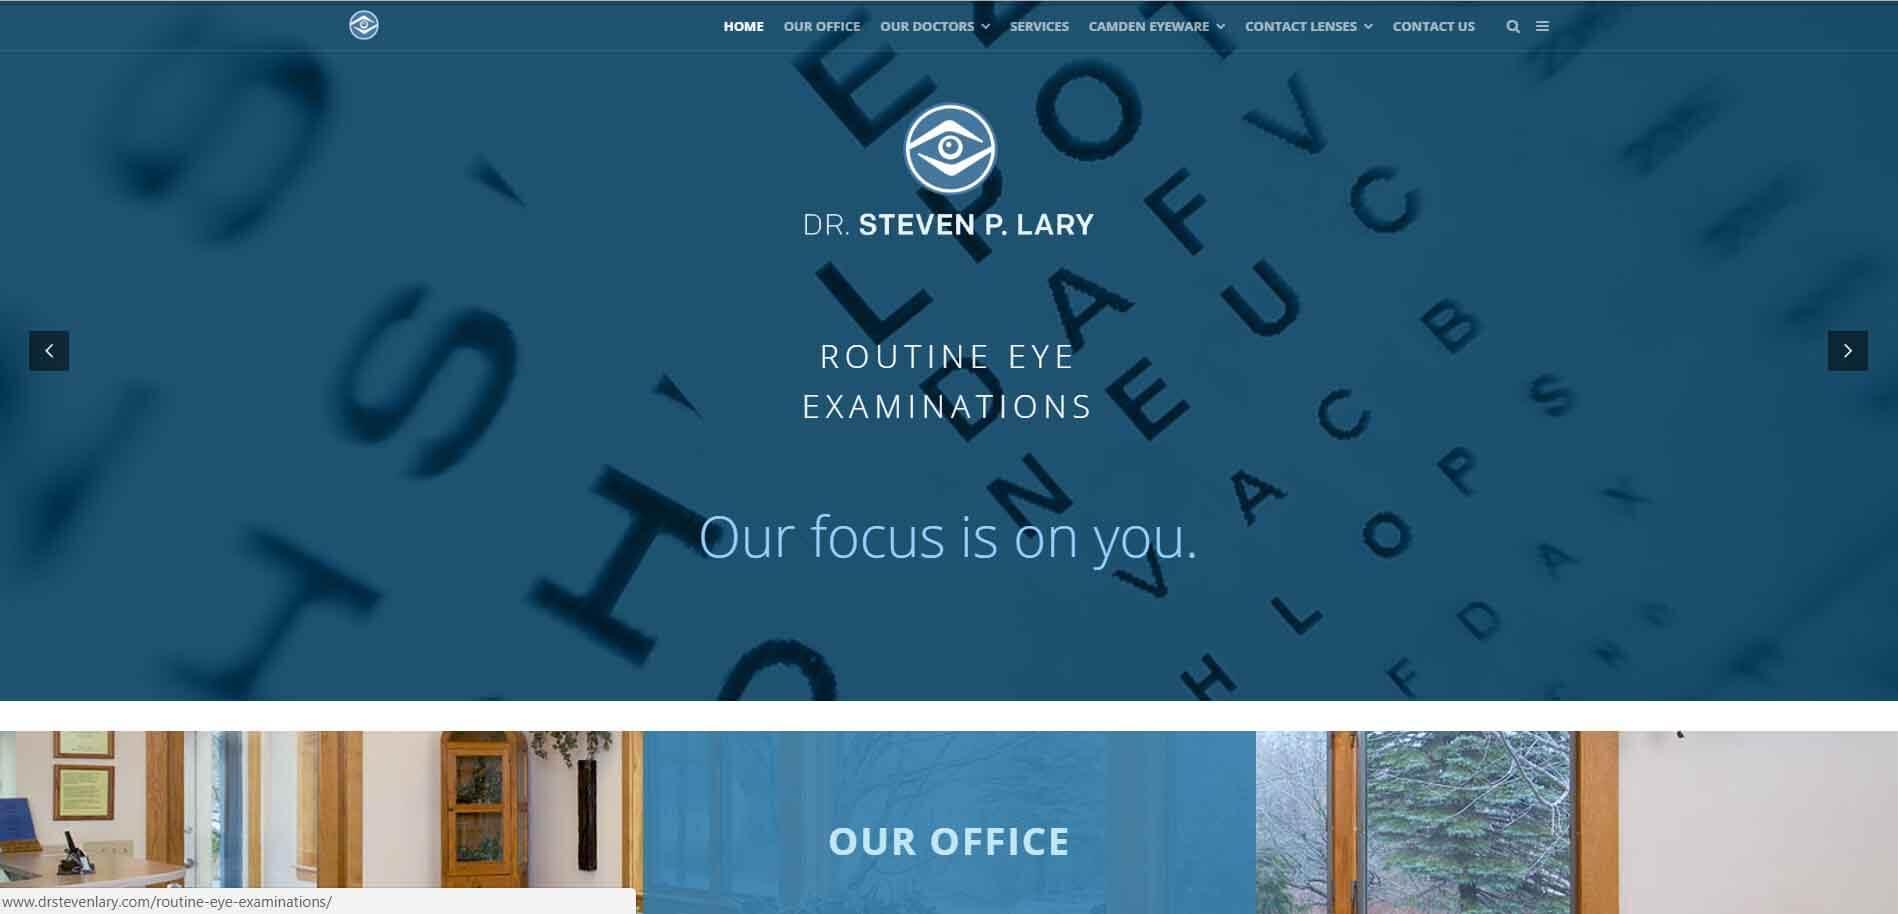 Dr Steven P. Lary